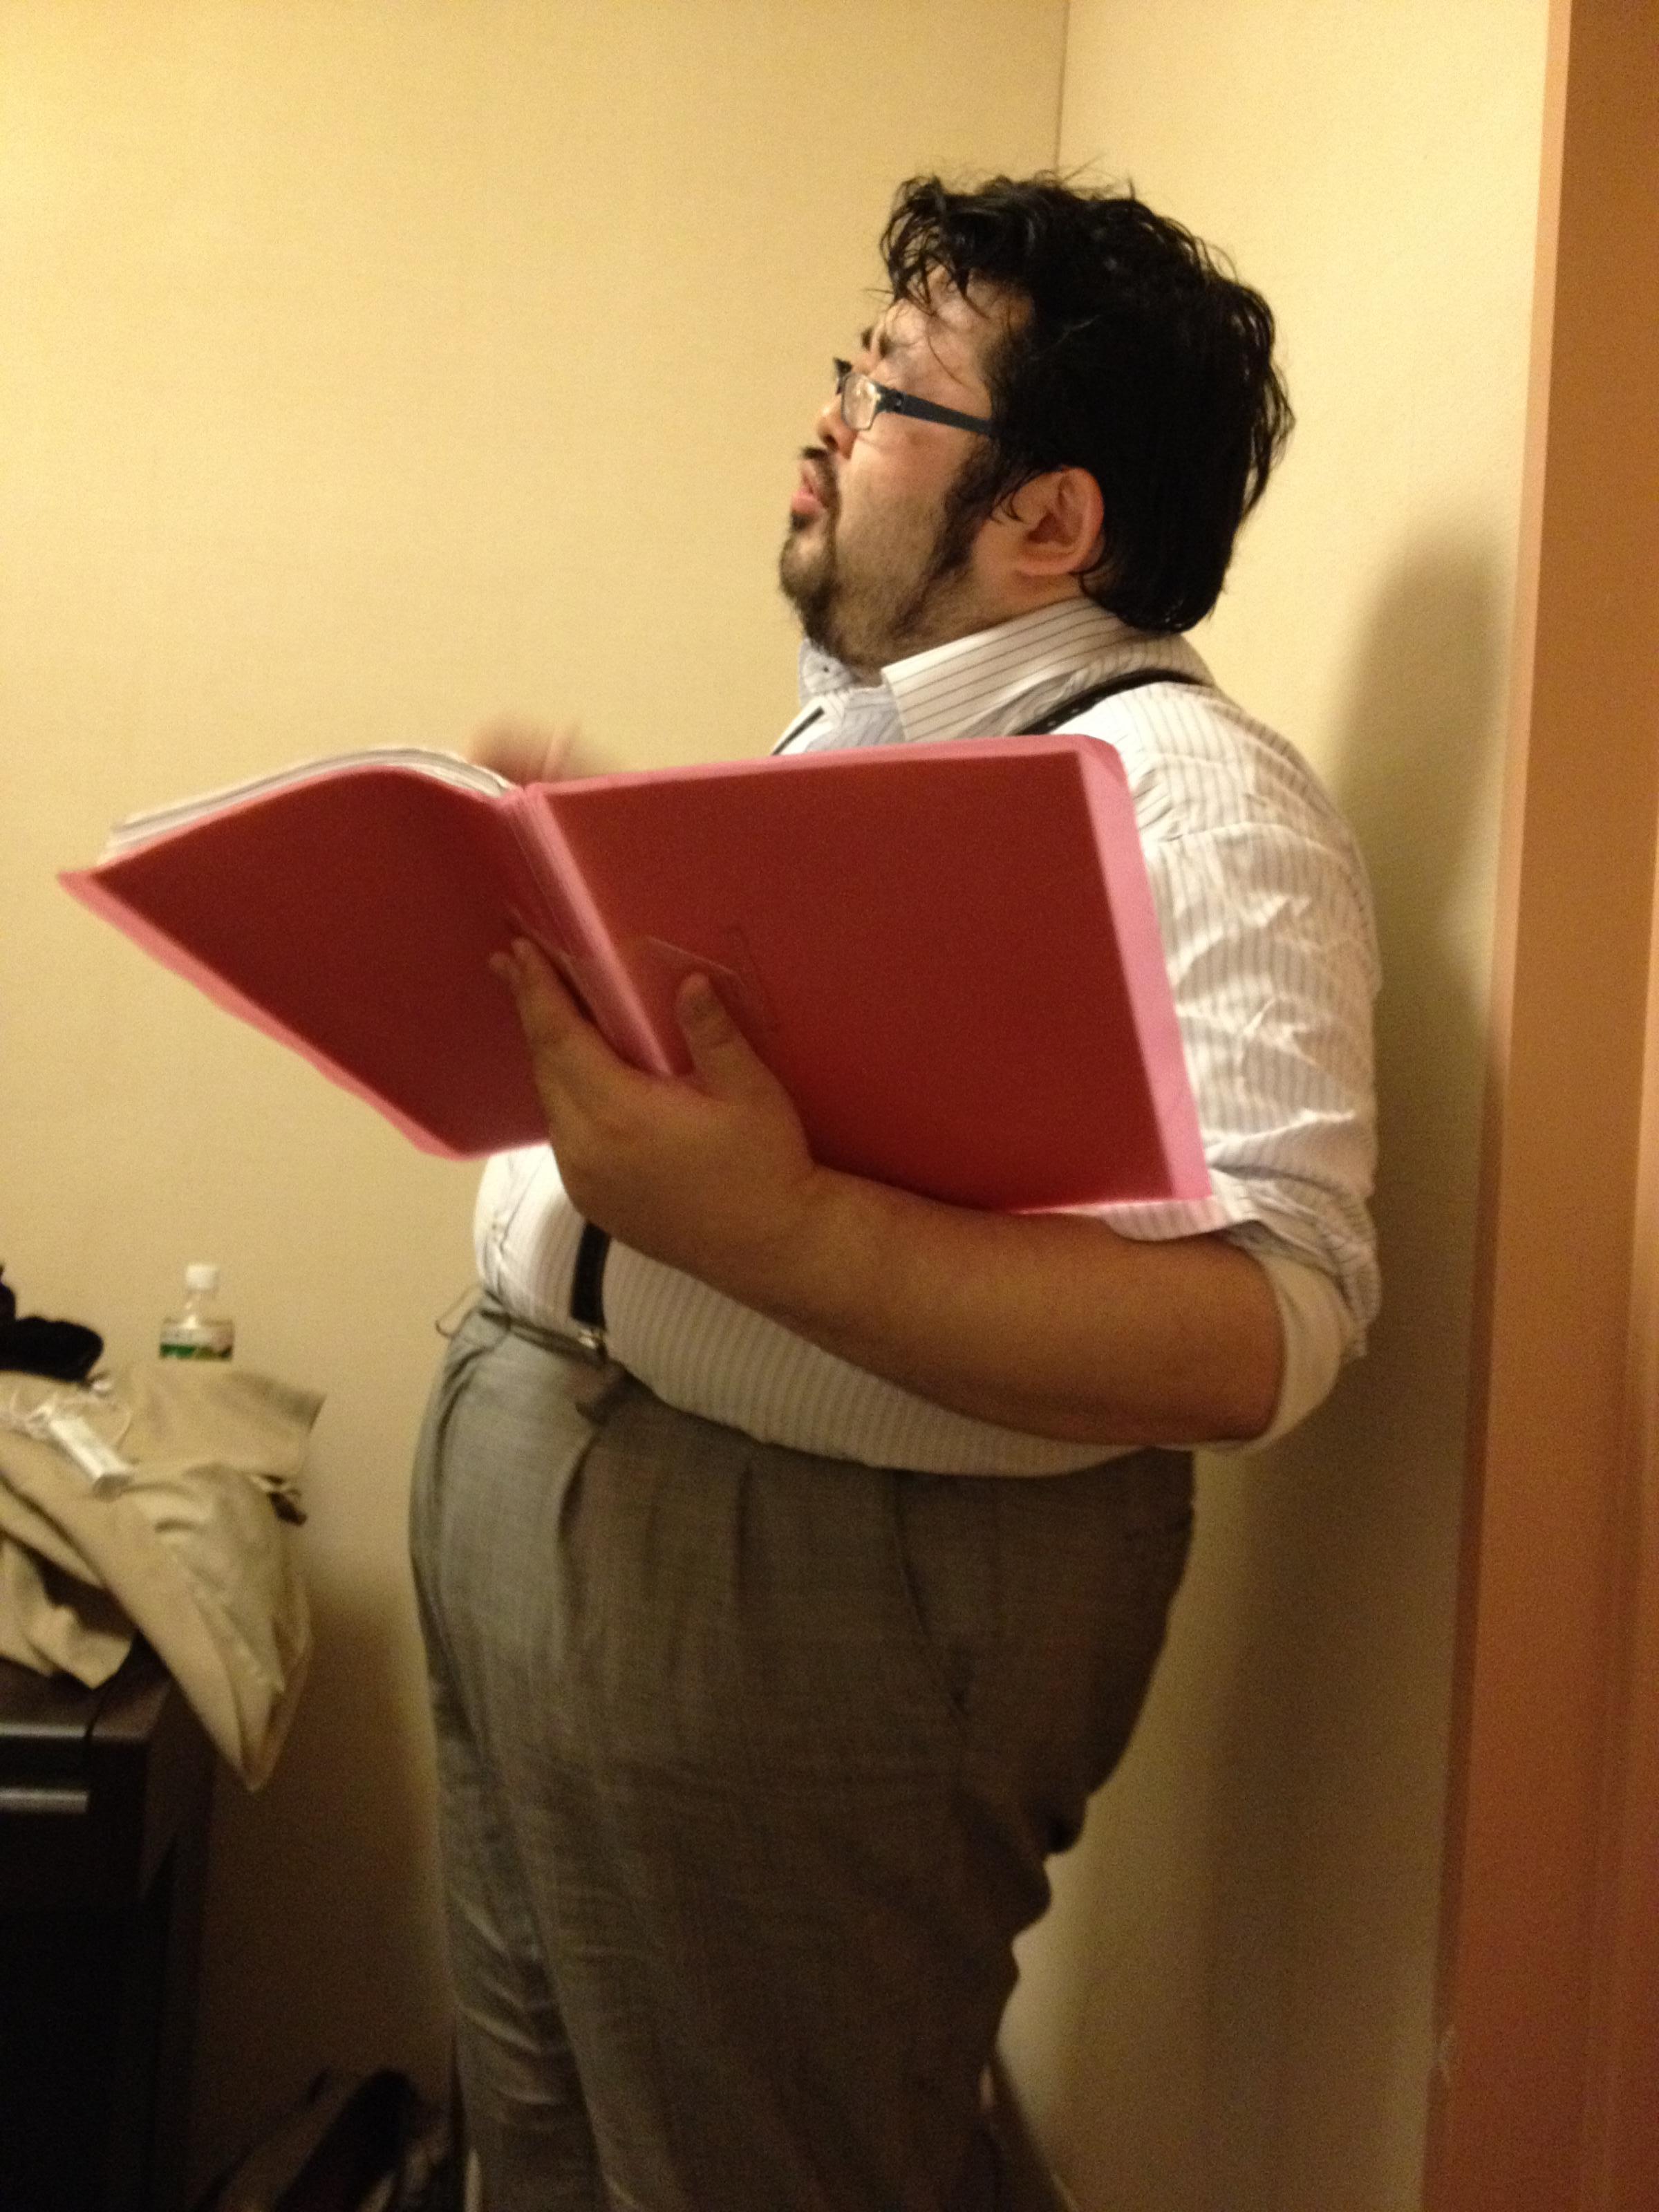 歌うデブ、145 kg